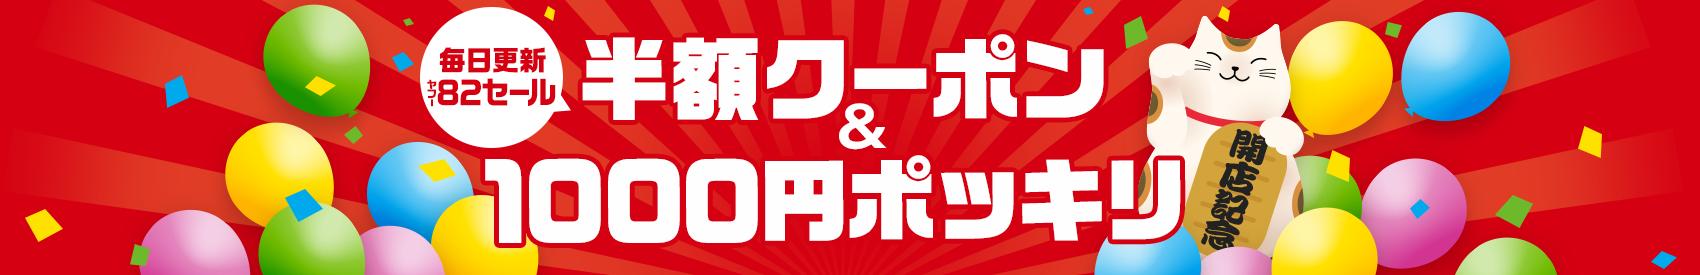 毎日更新82セール 半額クーポン&1000円ポッキリ